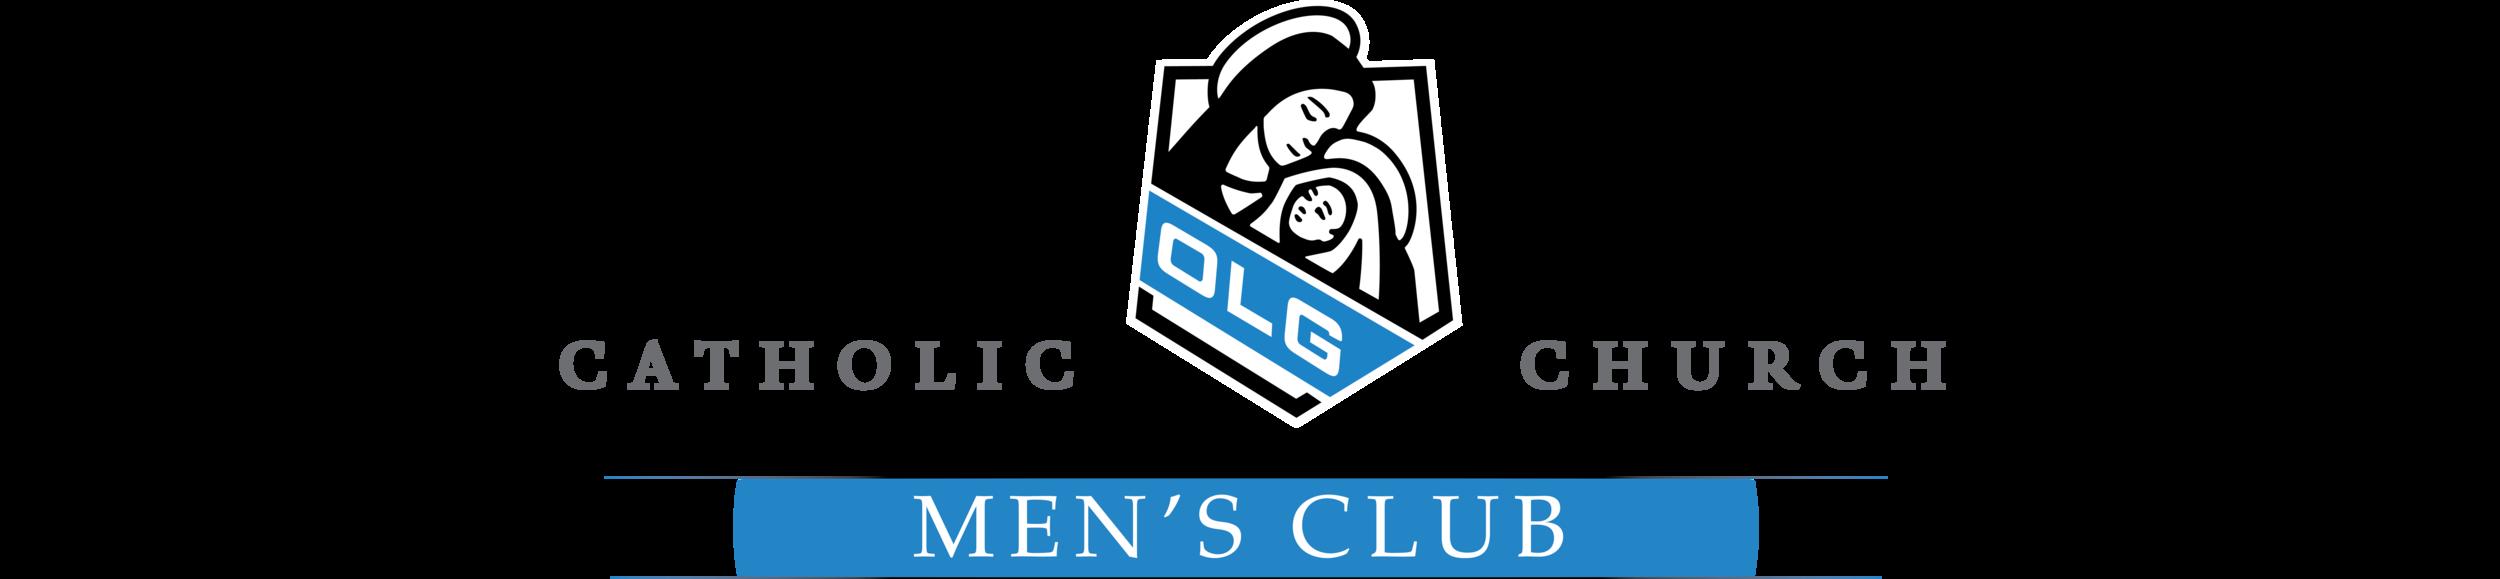 OLG_MinistryLogo_Men'sClub_HighRes.png